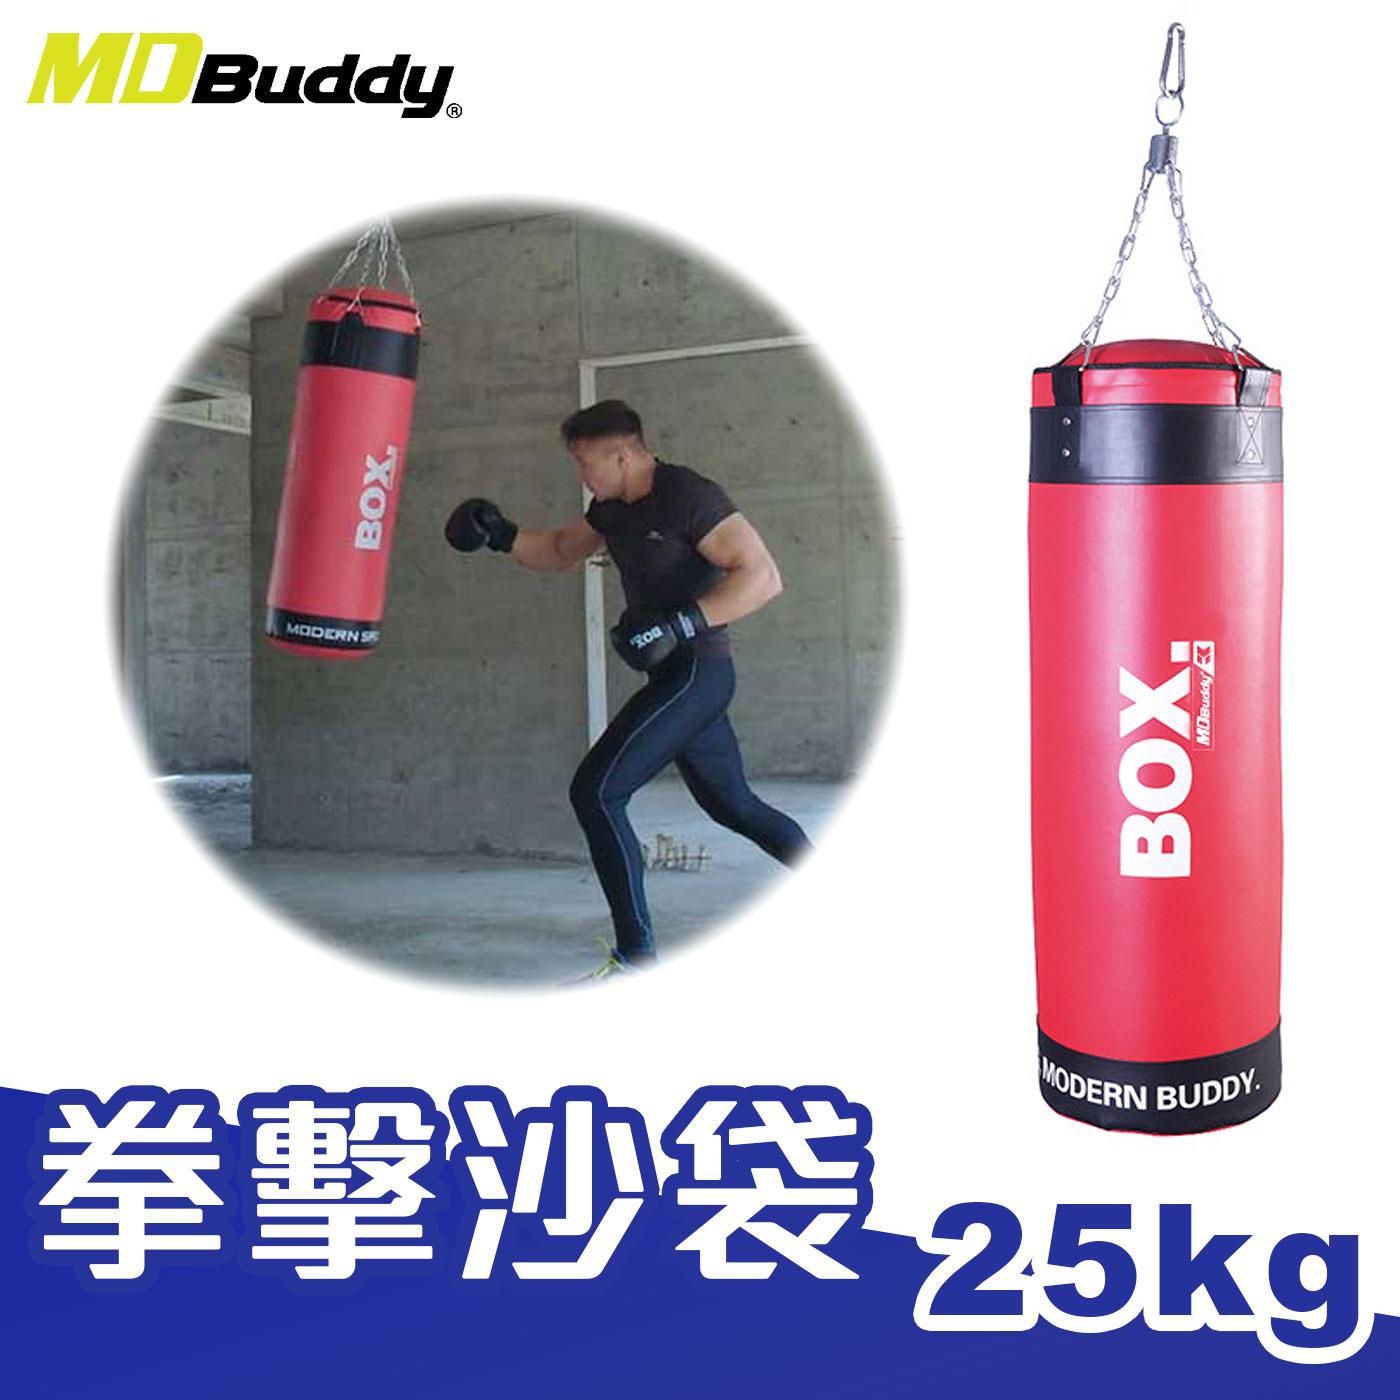 MDBuddy (25KG)拳擊沙袋 6025701